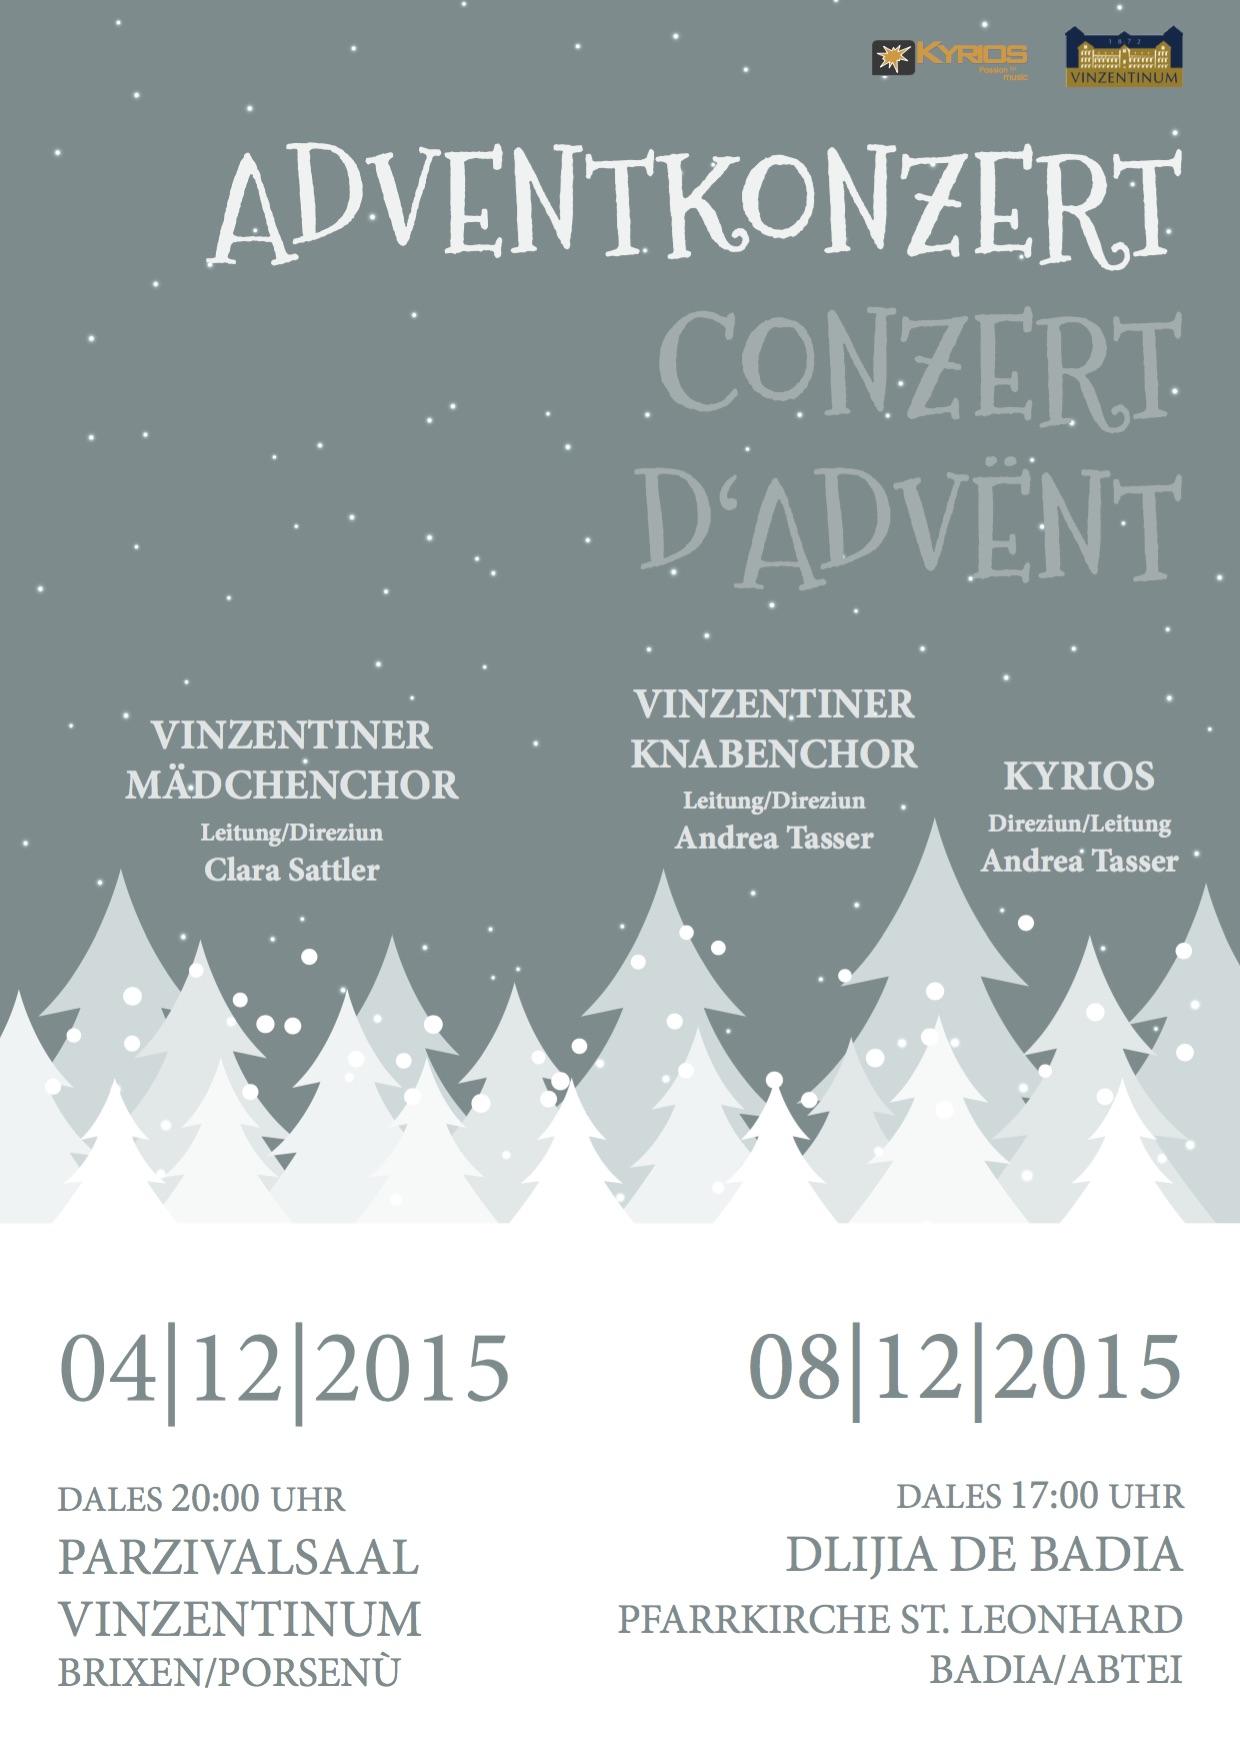 Conzert d'Advënt – Adventkonzert